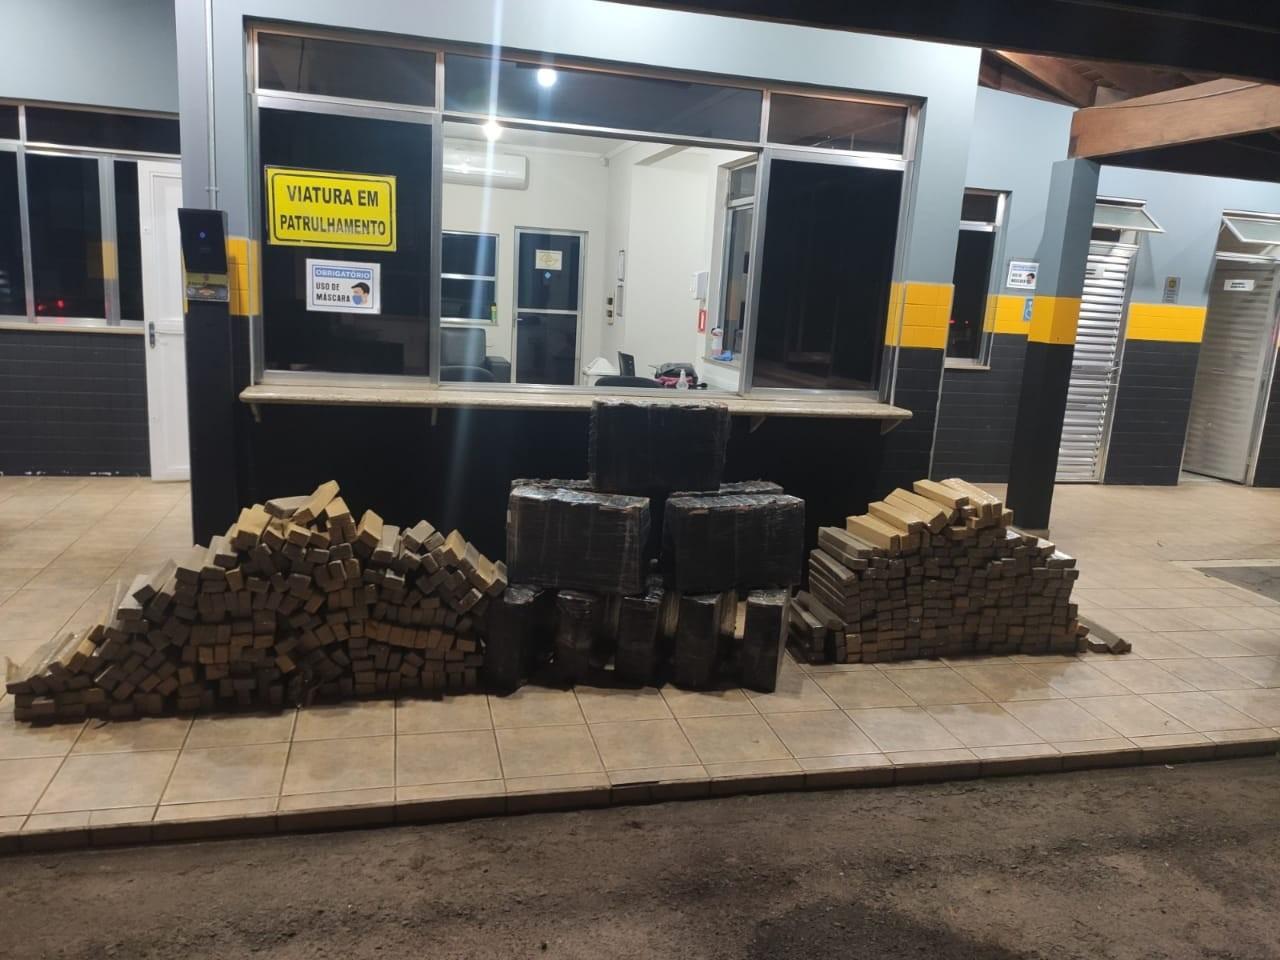 Polícia apreende mais de 600 kg de maconha em rodovia de Lençóis Paulista